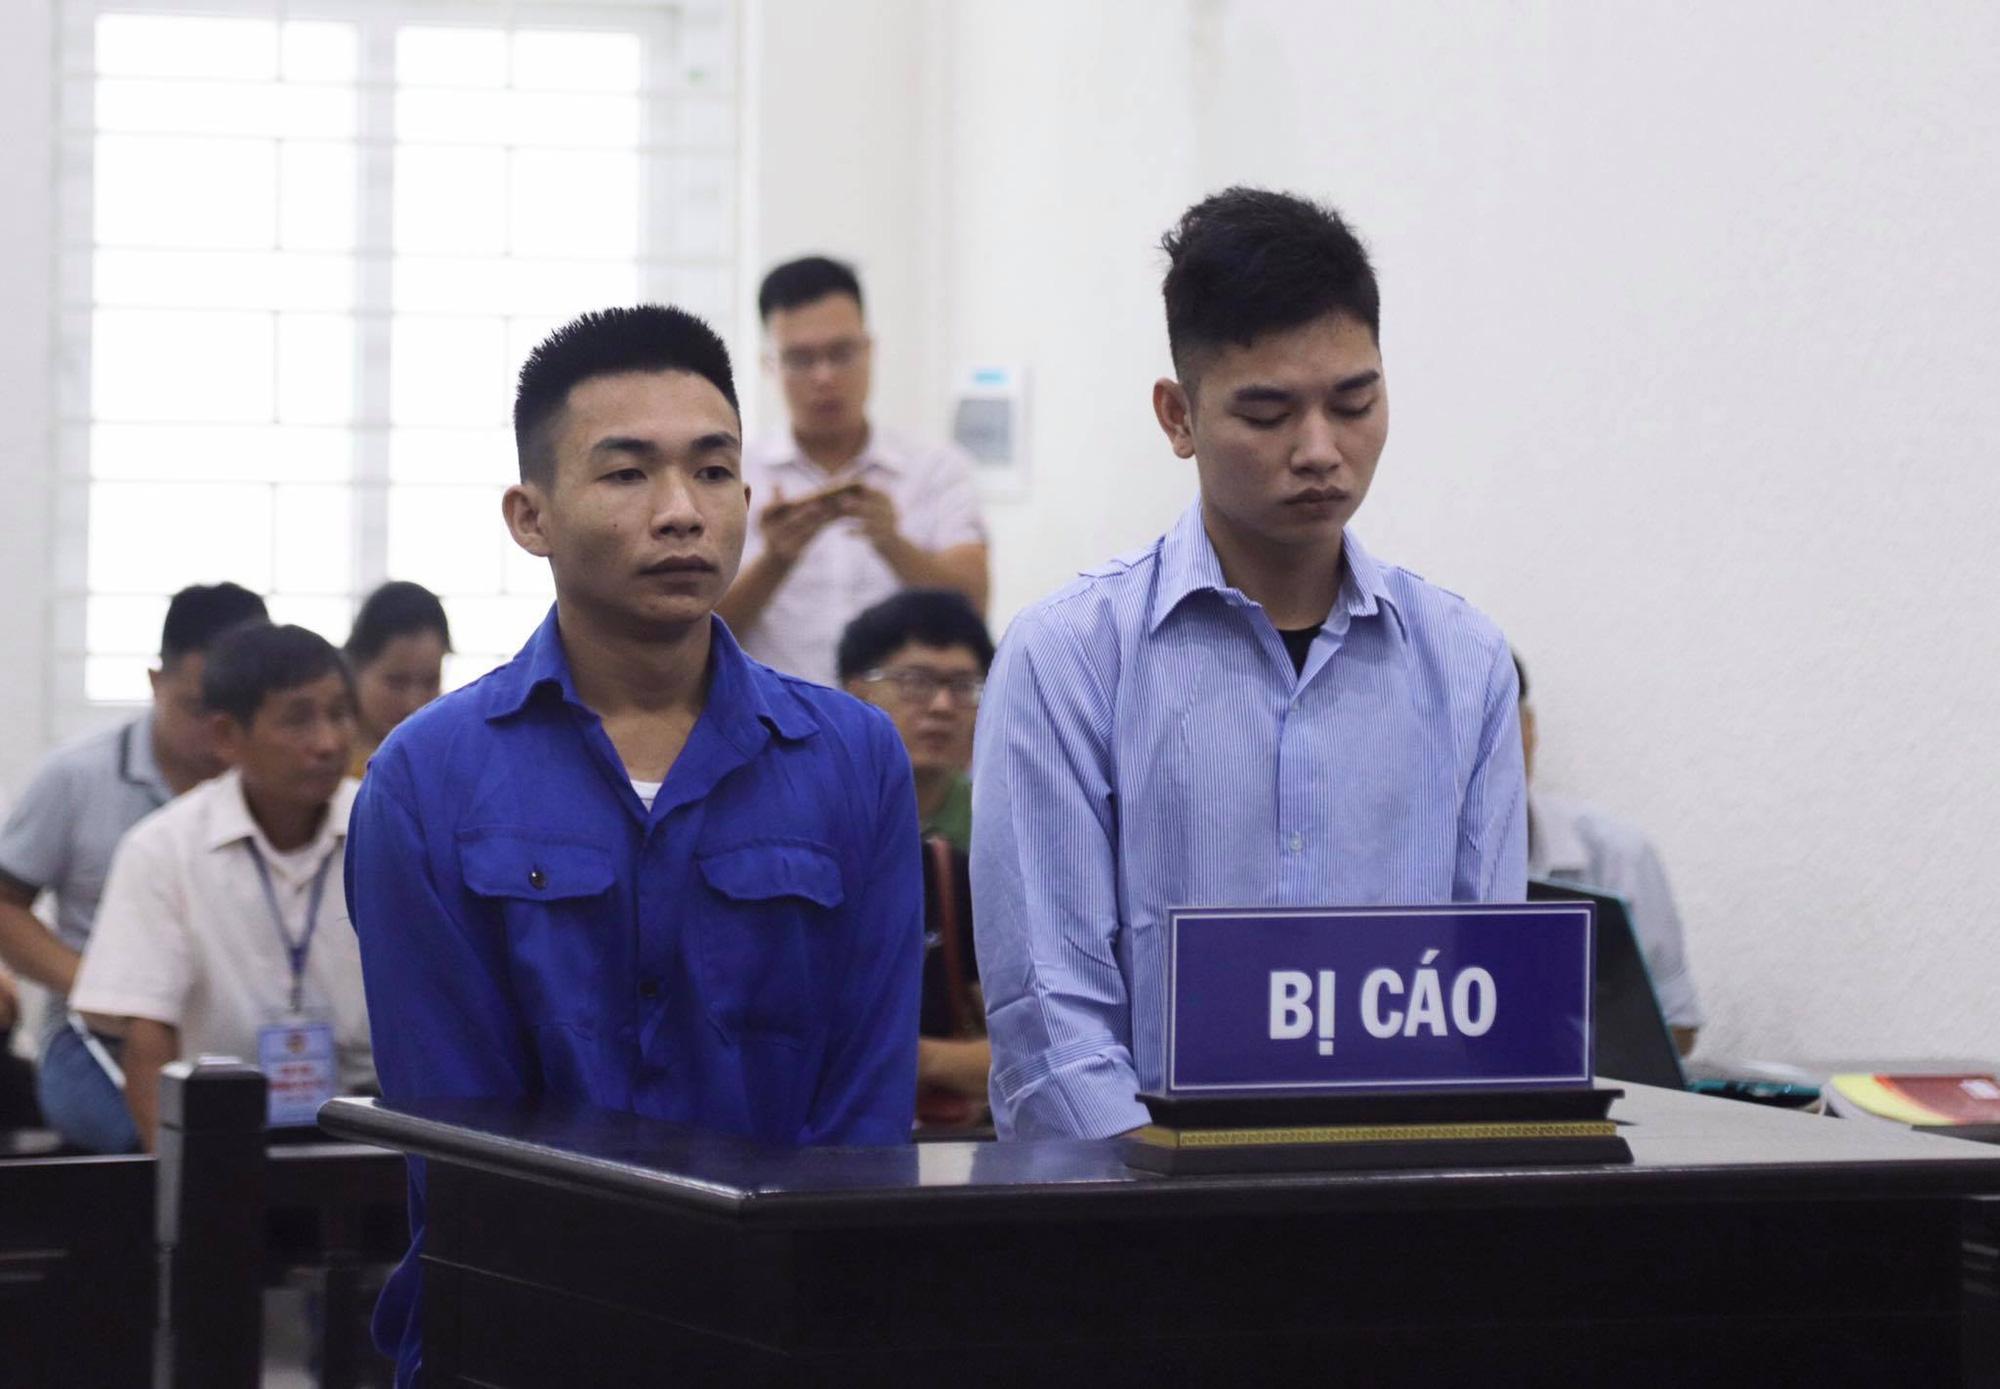 Xét xử sơ thẩm vụ nam sinh Grab bị sát hại ở Hà Nội - Ảnh 3.